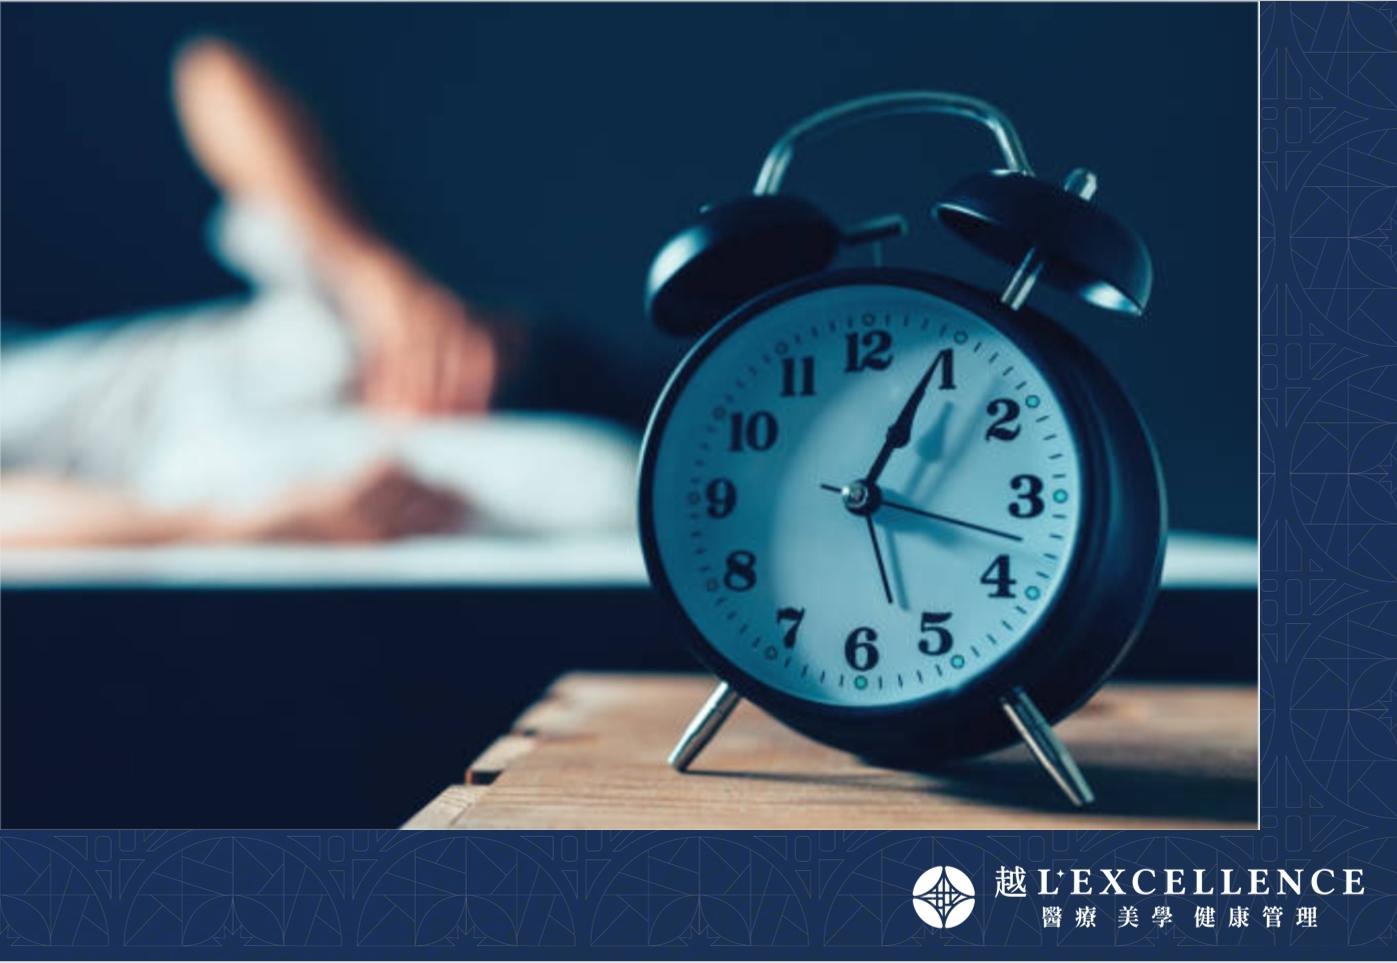 失眠讓我們很焦慮,焦慮又讓我們失眠,這樣的循環痛苦嗎?